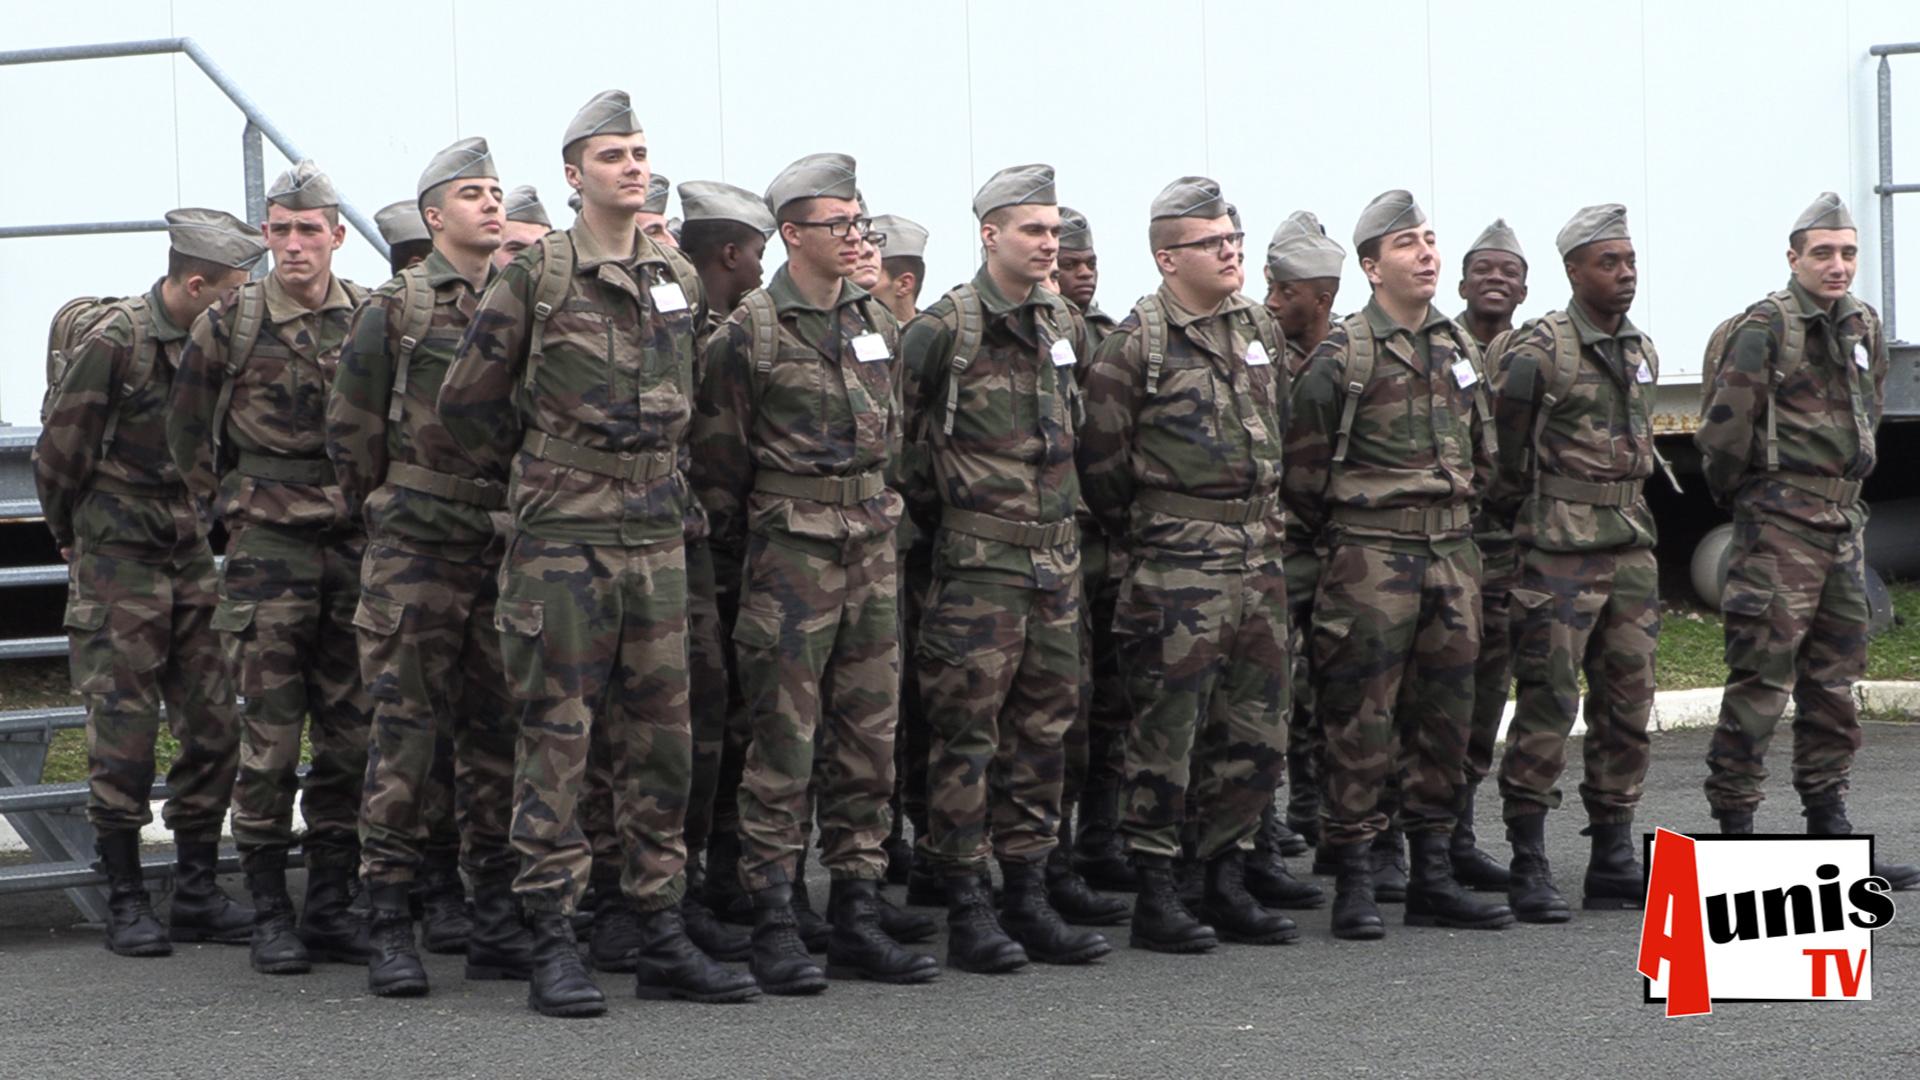 Service Militaire Volontaire La Rochelle armée